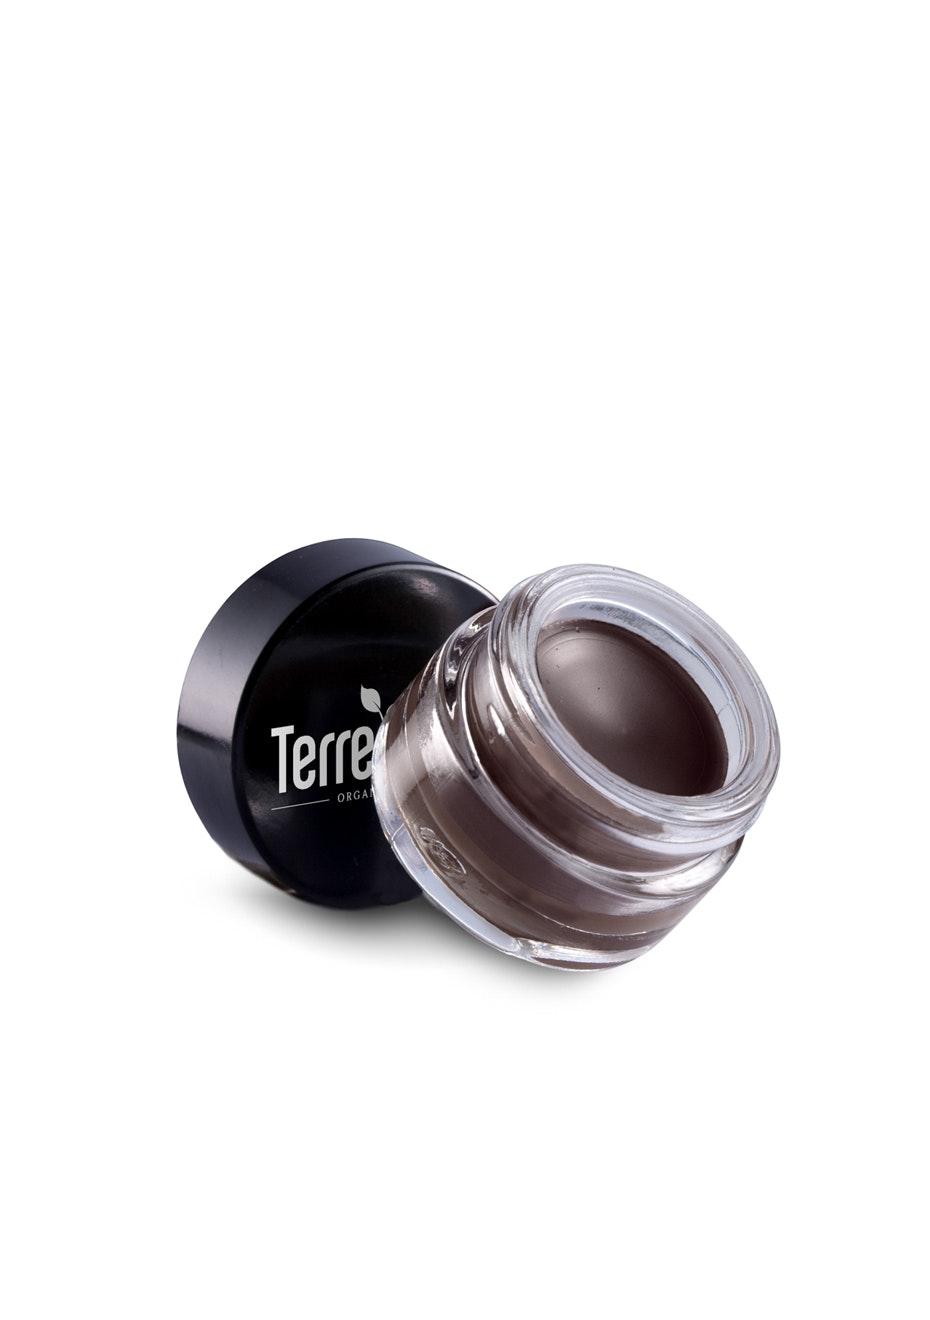 Terre Mere - Gel Eyeliner - Chocolate Mousse